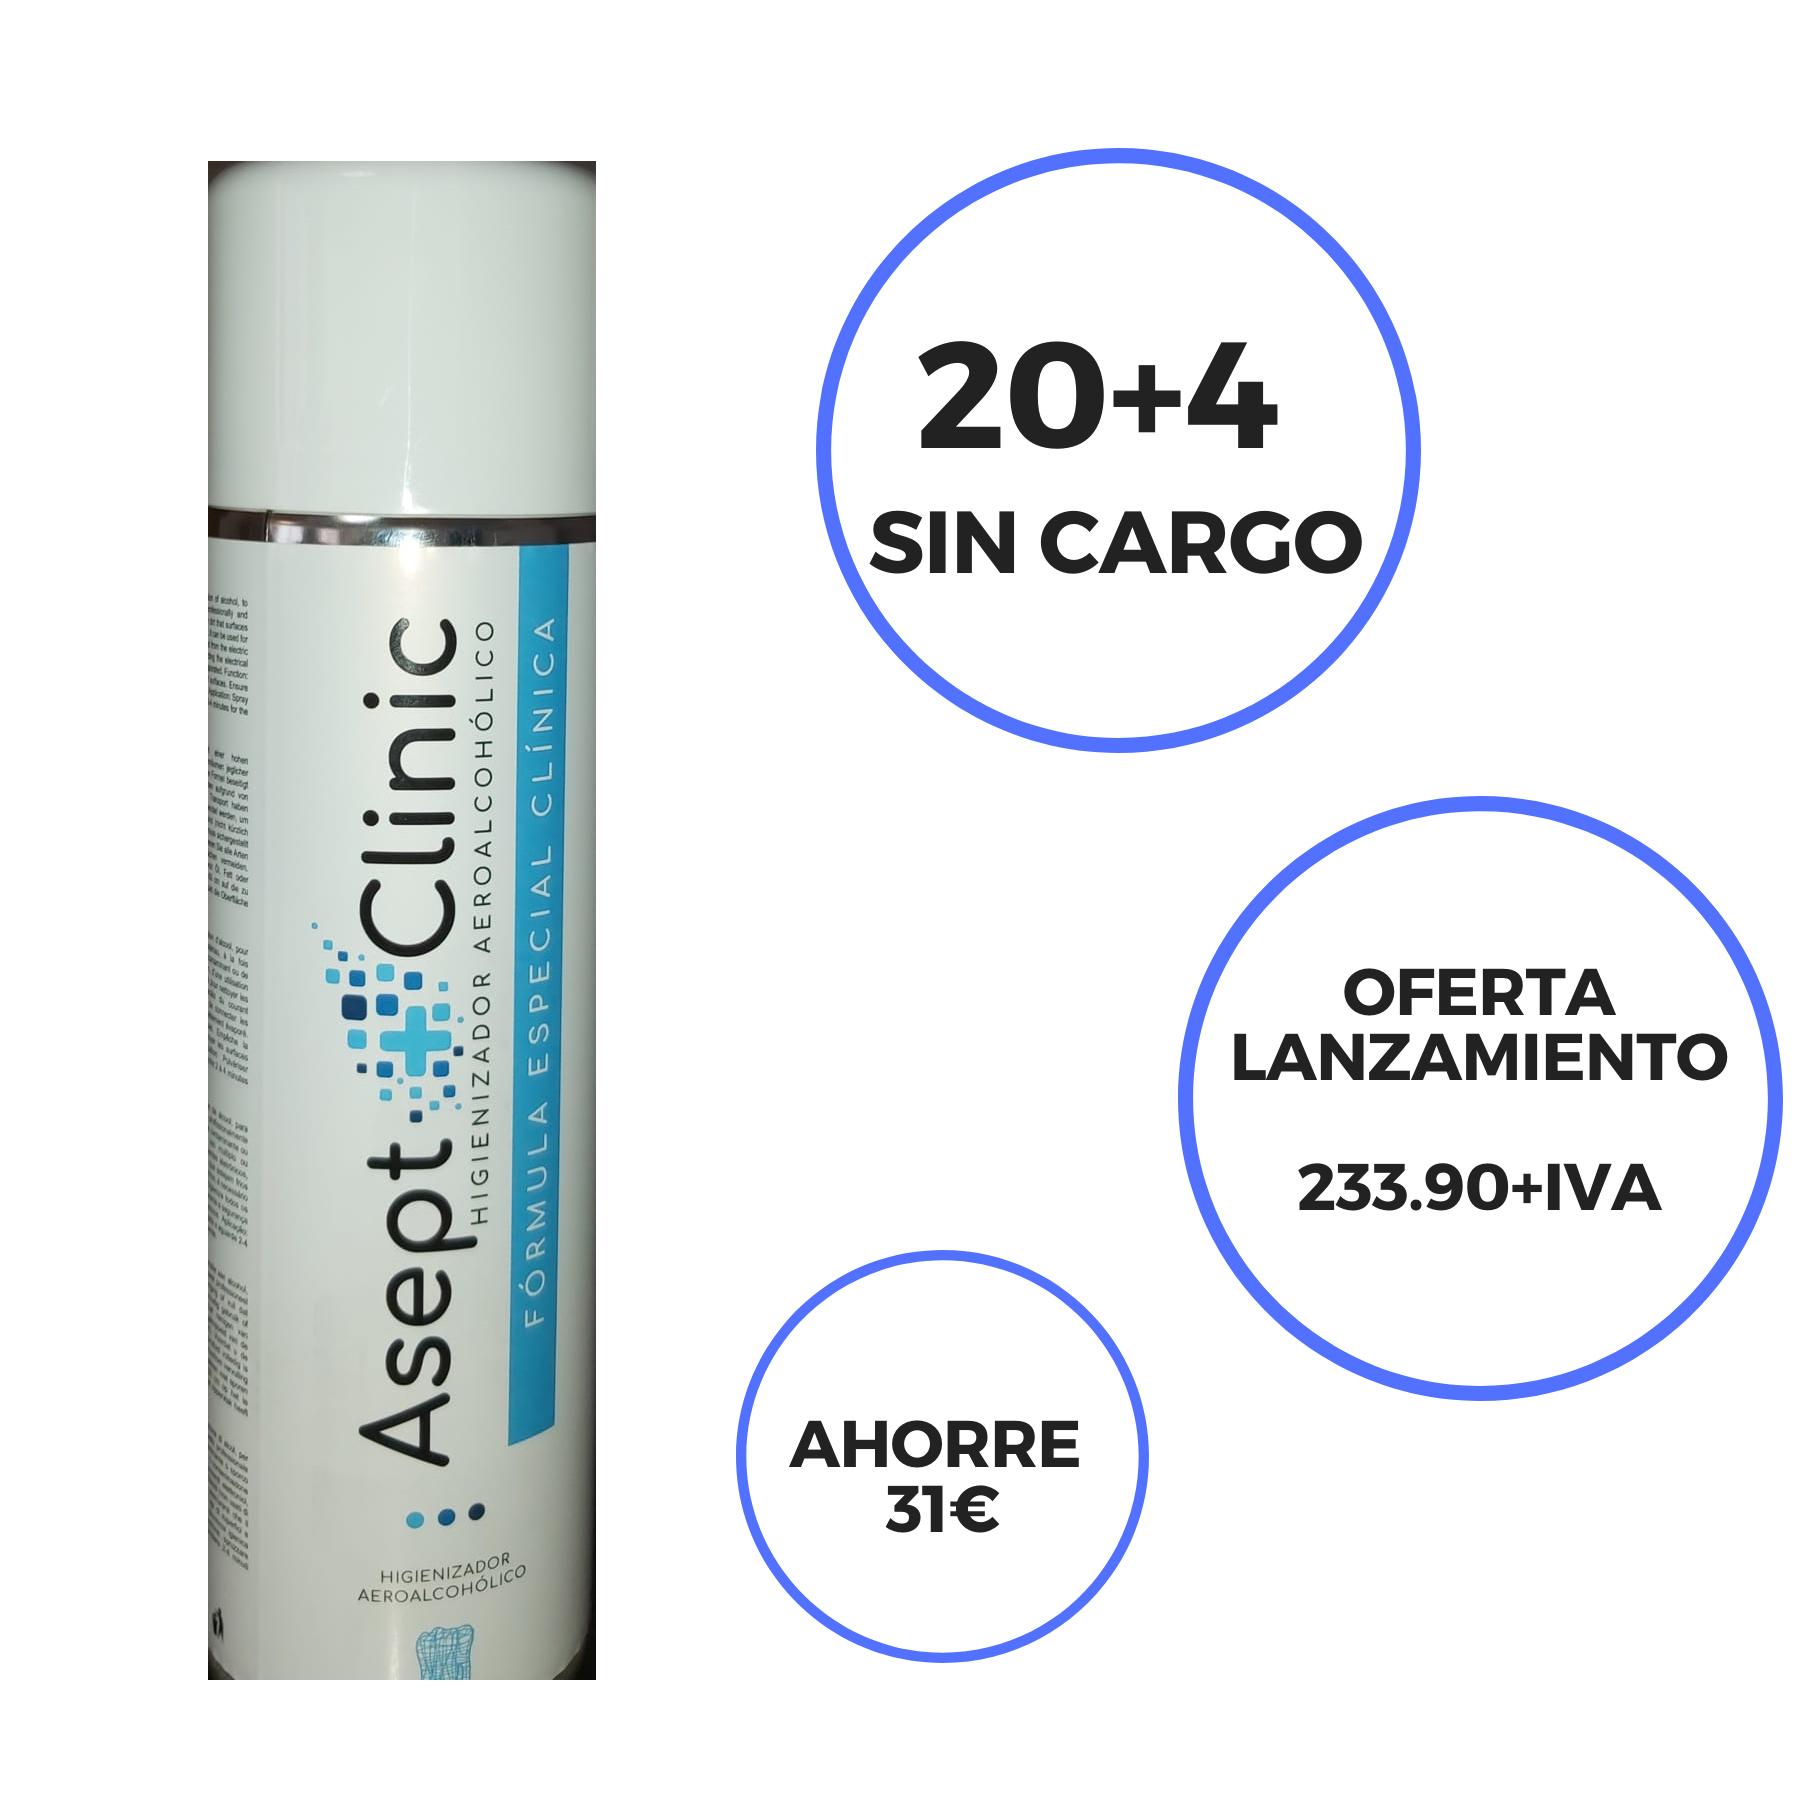 ASEPTCLINIC Spray higienizador superficies para clínicas aereoalcohólico, el paciente percibe el esfuerzo de la clínica por preservar su seguridad